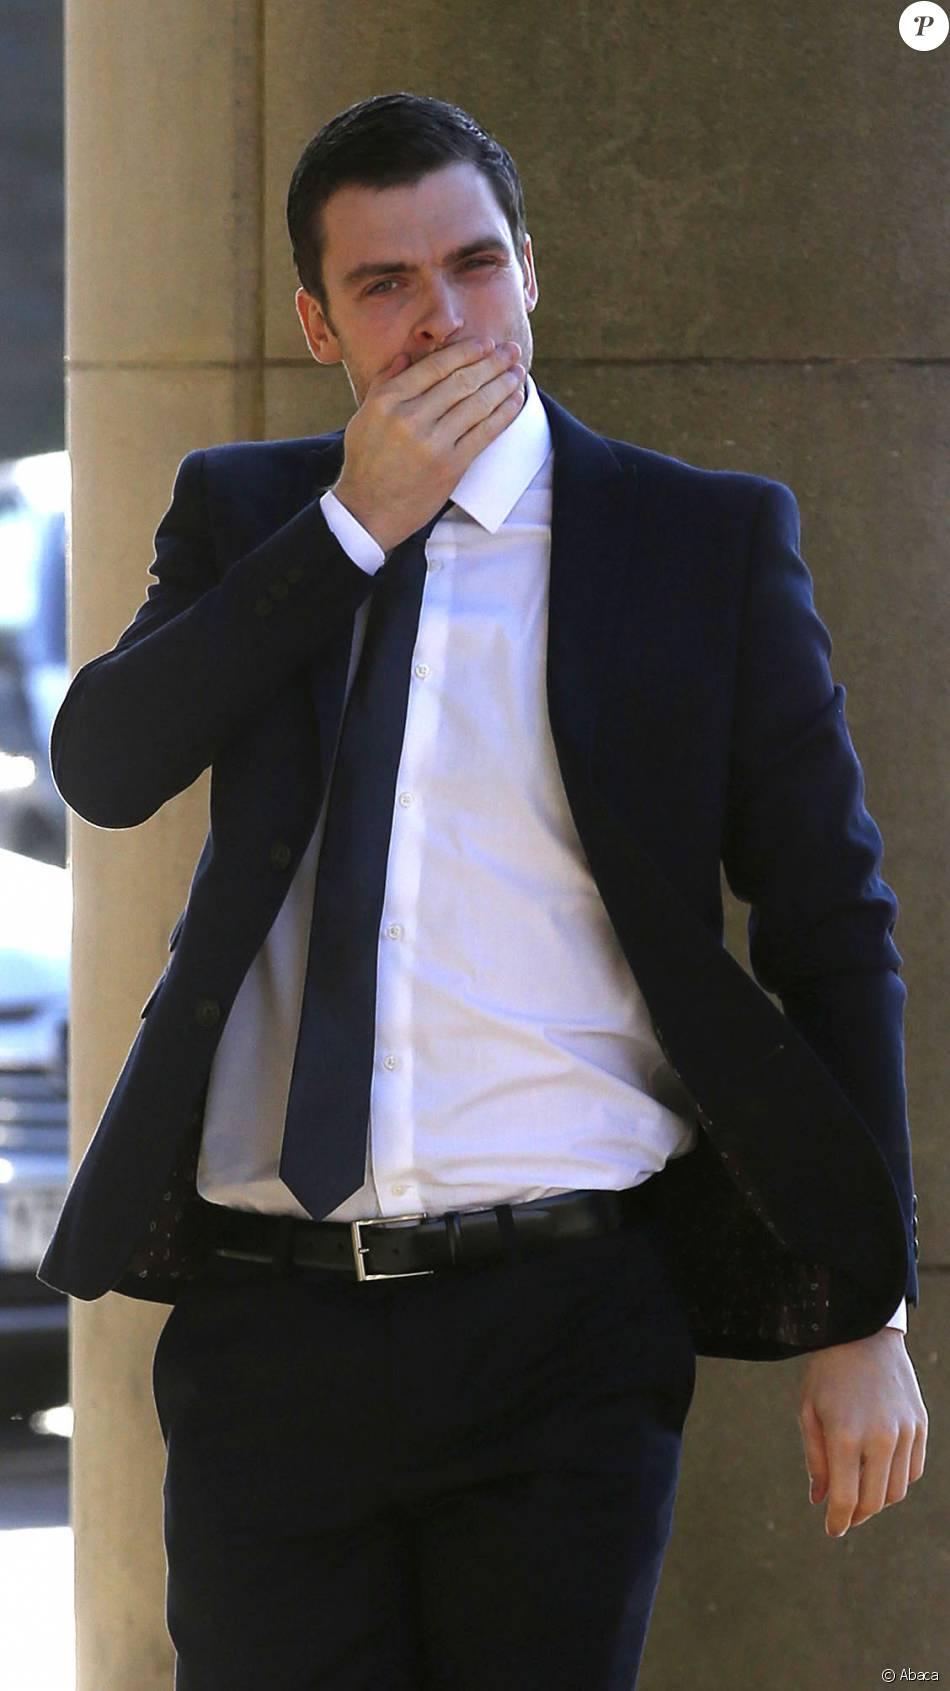 Adam Johnson, accusé d'agression sexuelle sur une mineure de 15 ans, lors de son arrivée au tribunal de Bradford le 23 février 2016